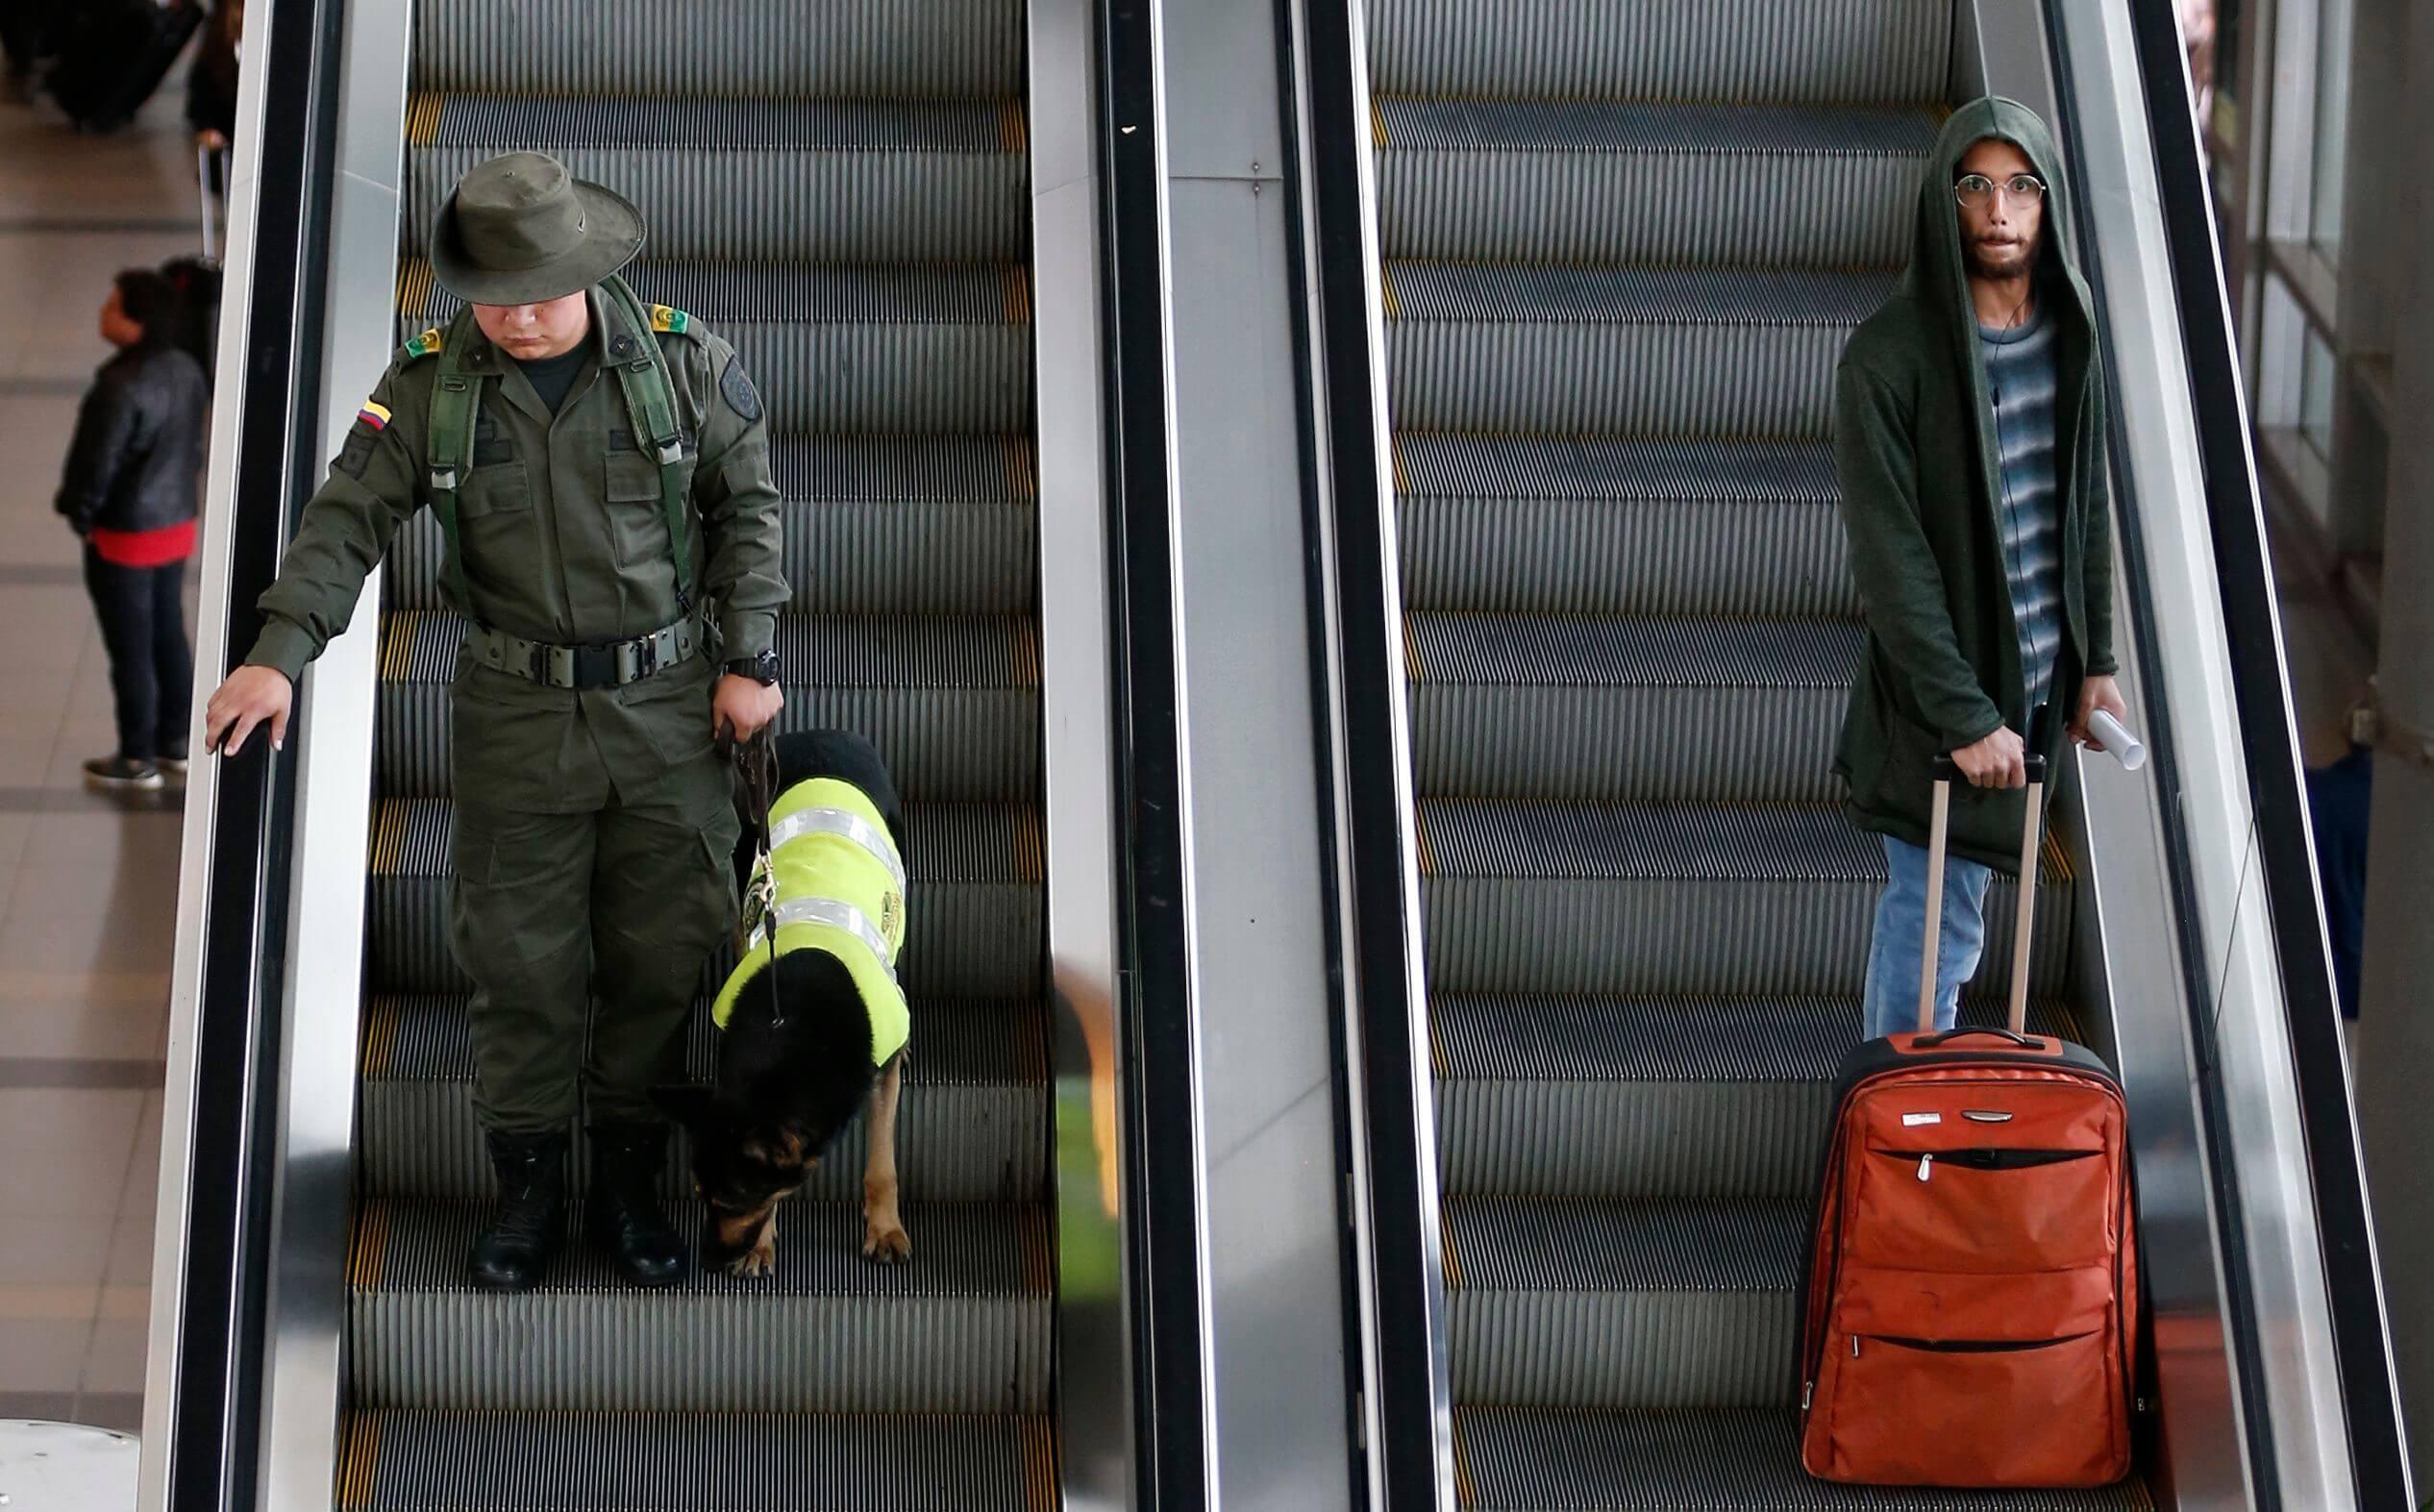 Envenenan al perro que salvó vidas tras terremotos en Italia